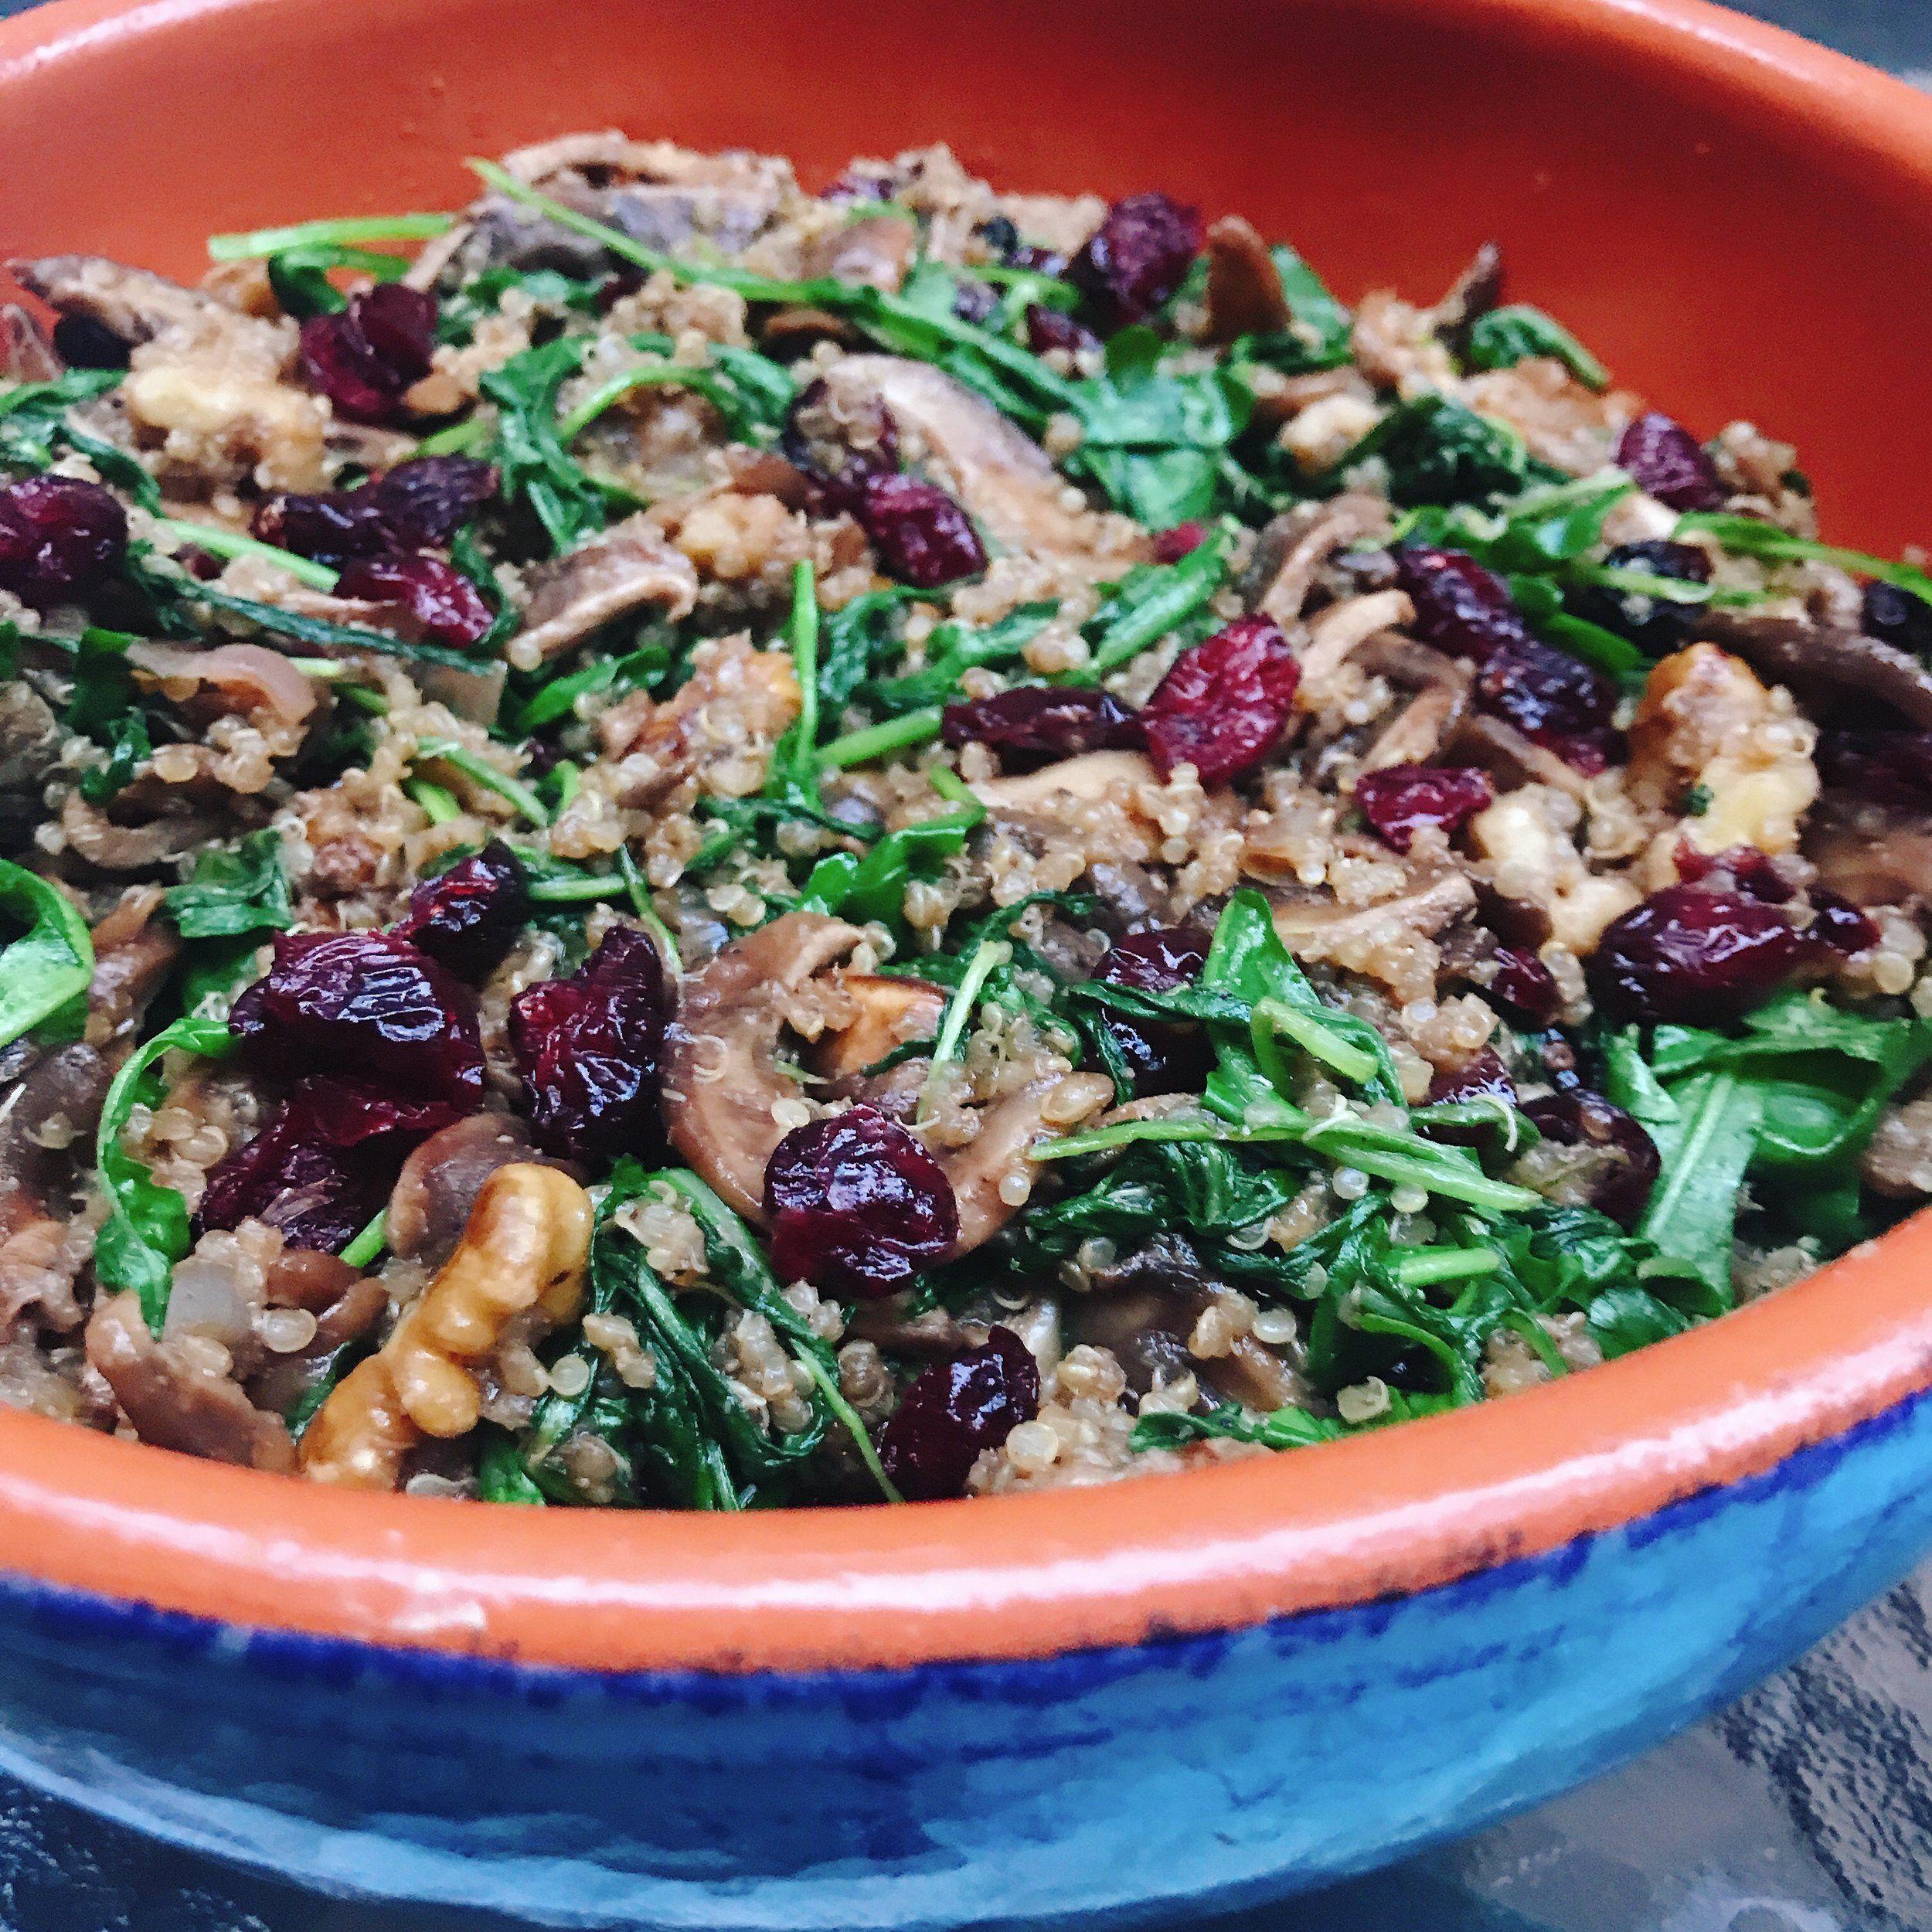 Wild Mushroom, Arugula & Quinoa Salad